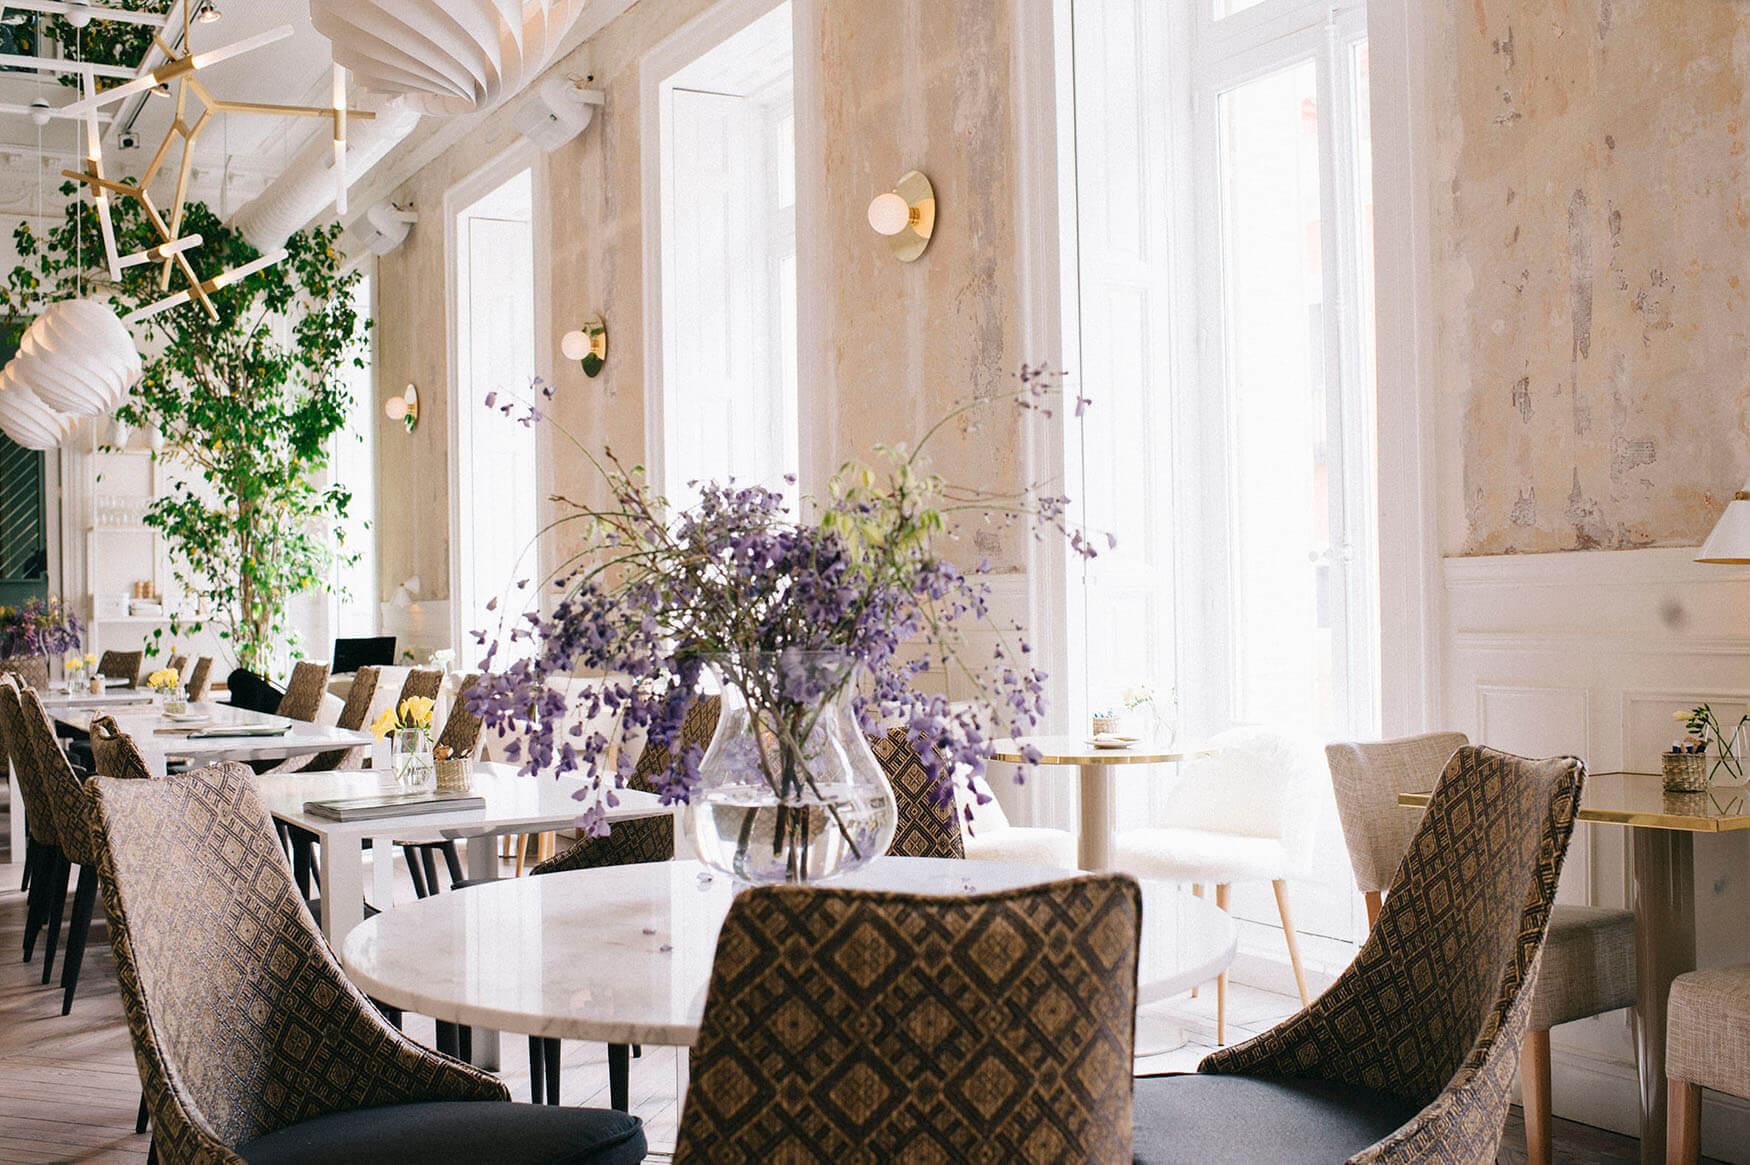 Mesas de marmol, butacas retro y un ambiente exquisito en El...